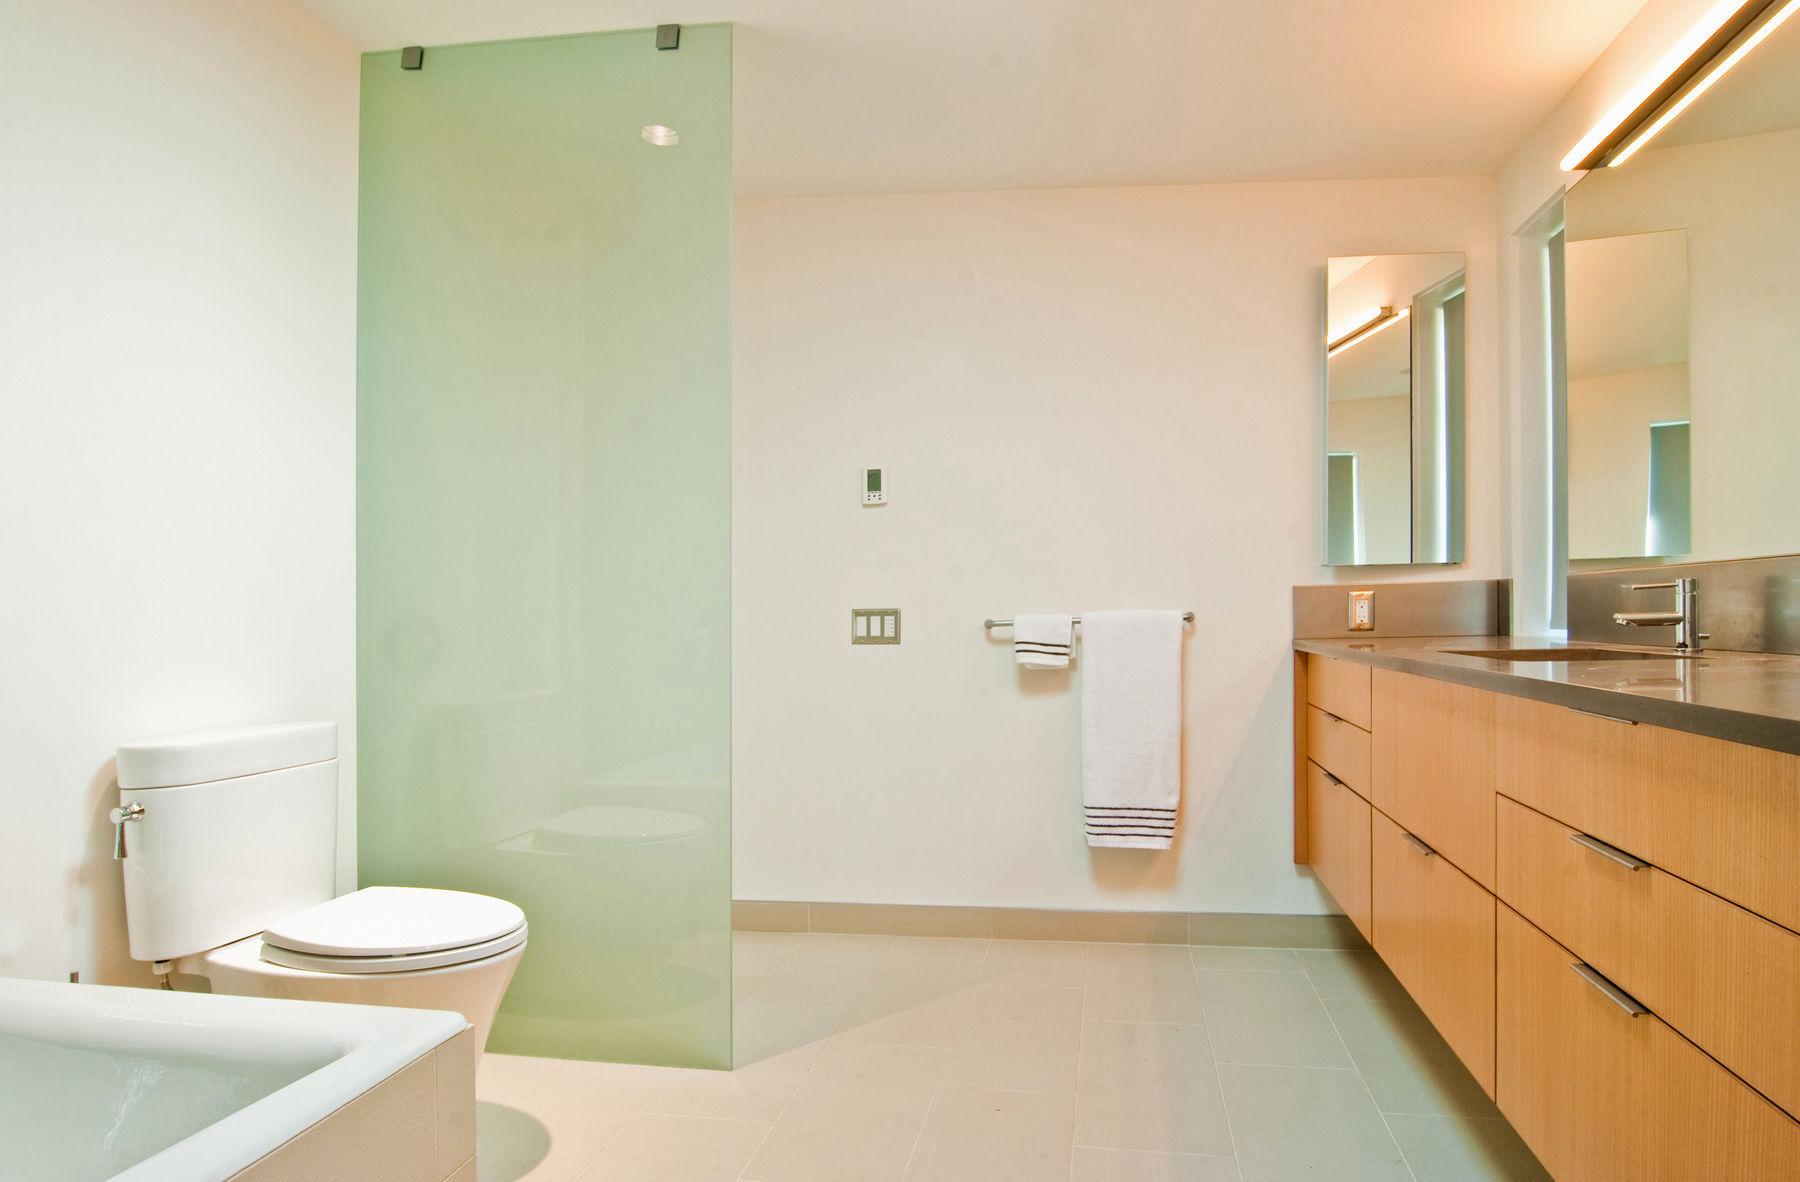 excellent bathroom vanity light fixtures inspiration-Stylish Bathroom Vanity Light Fixtures Décor